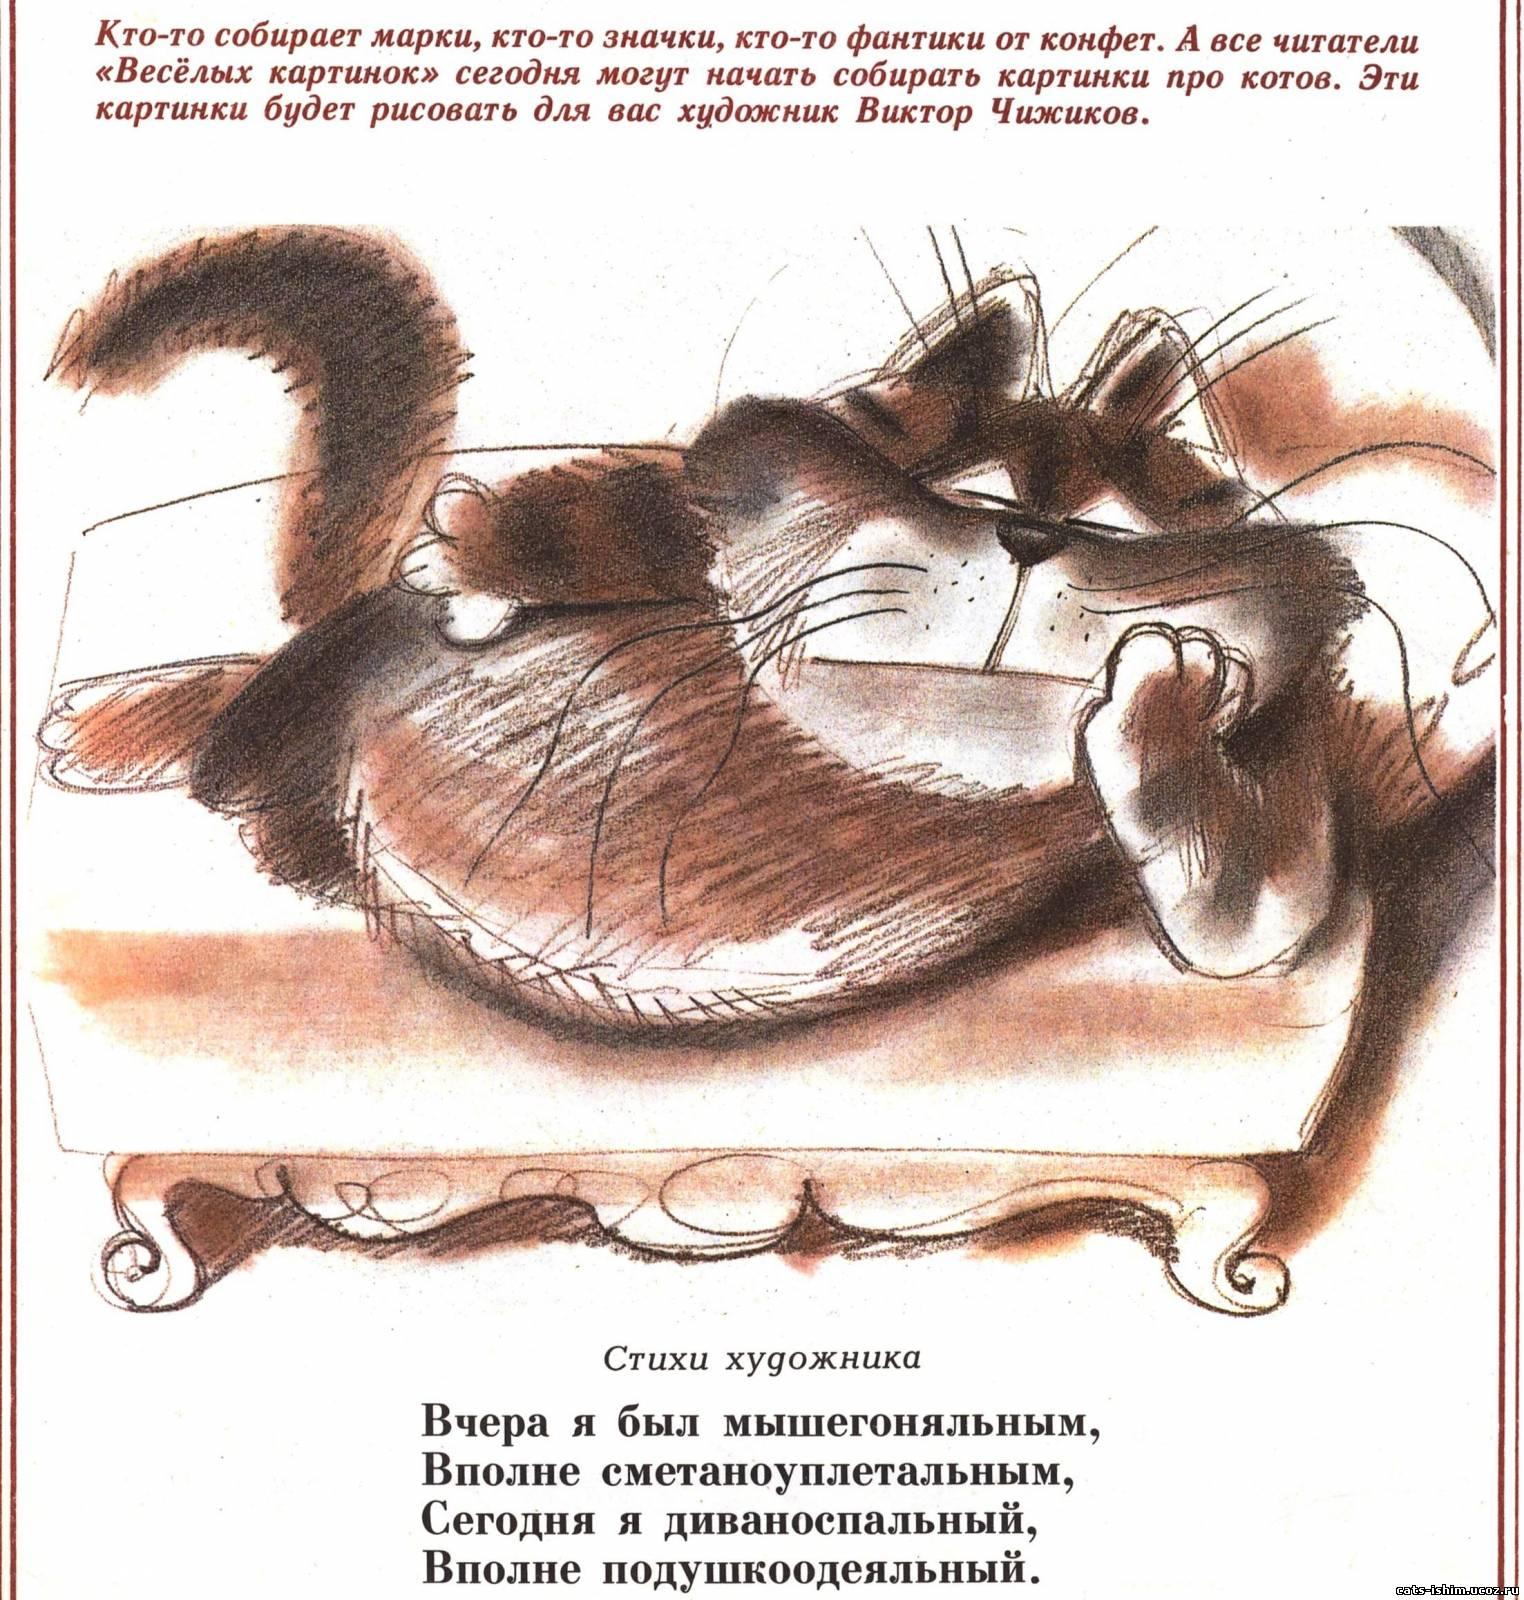 кошка стихотворение картинка к нему являются одним